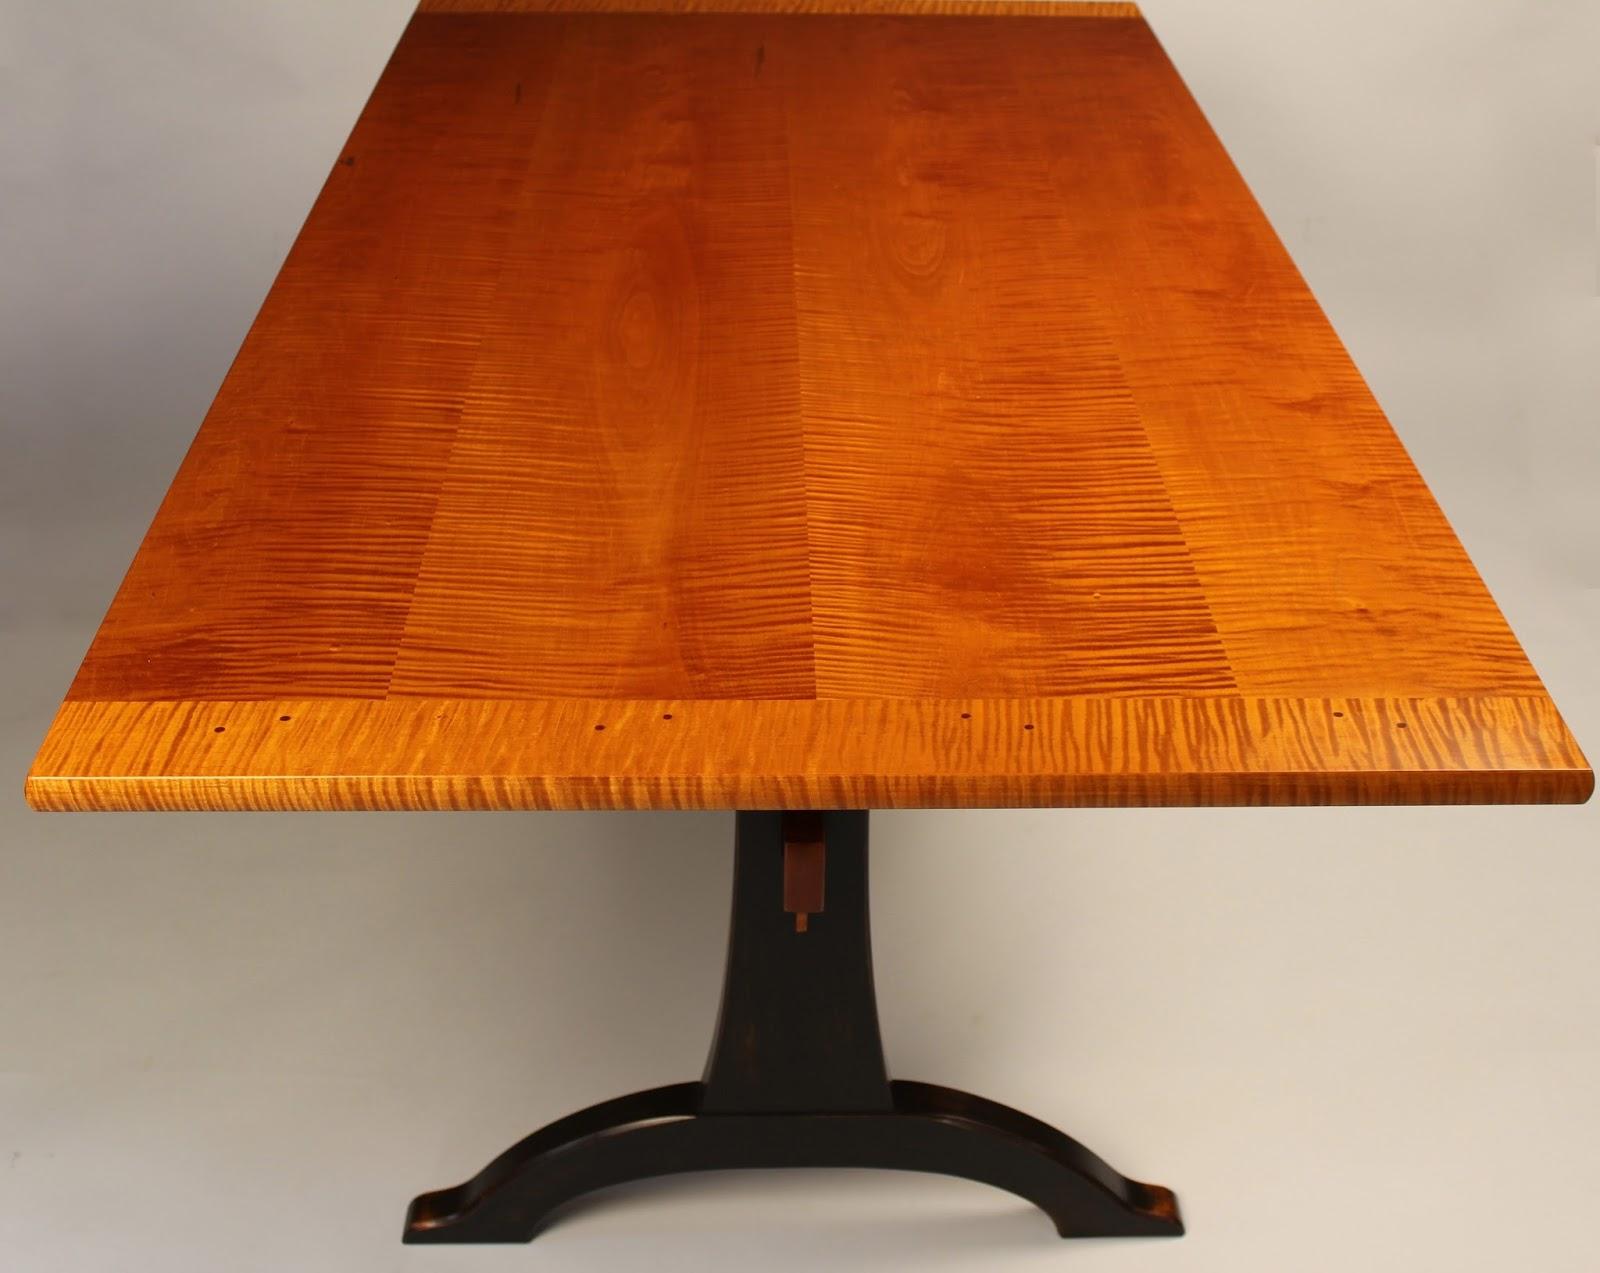 ... Fine Custom Trestle Table Handmade To The Highest Standards